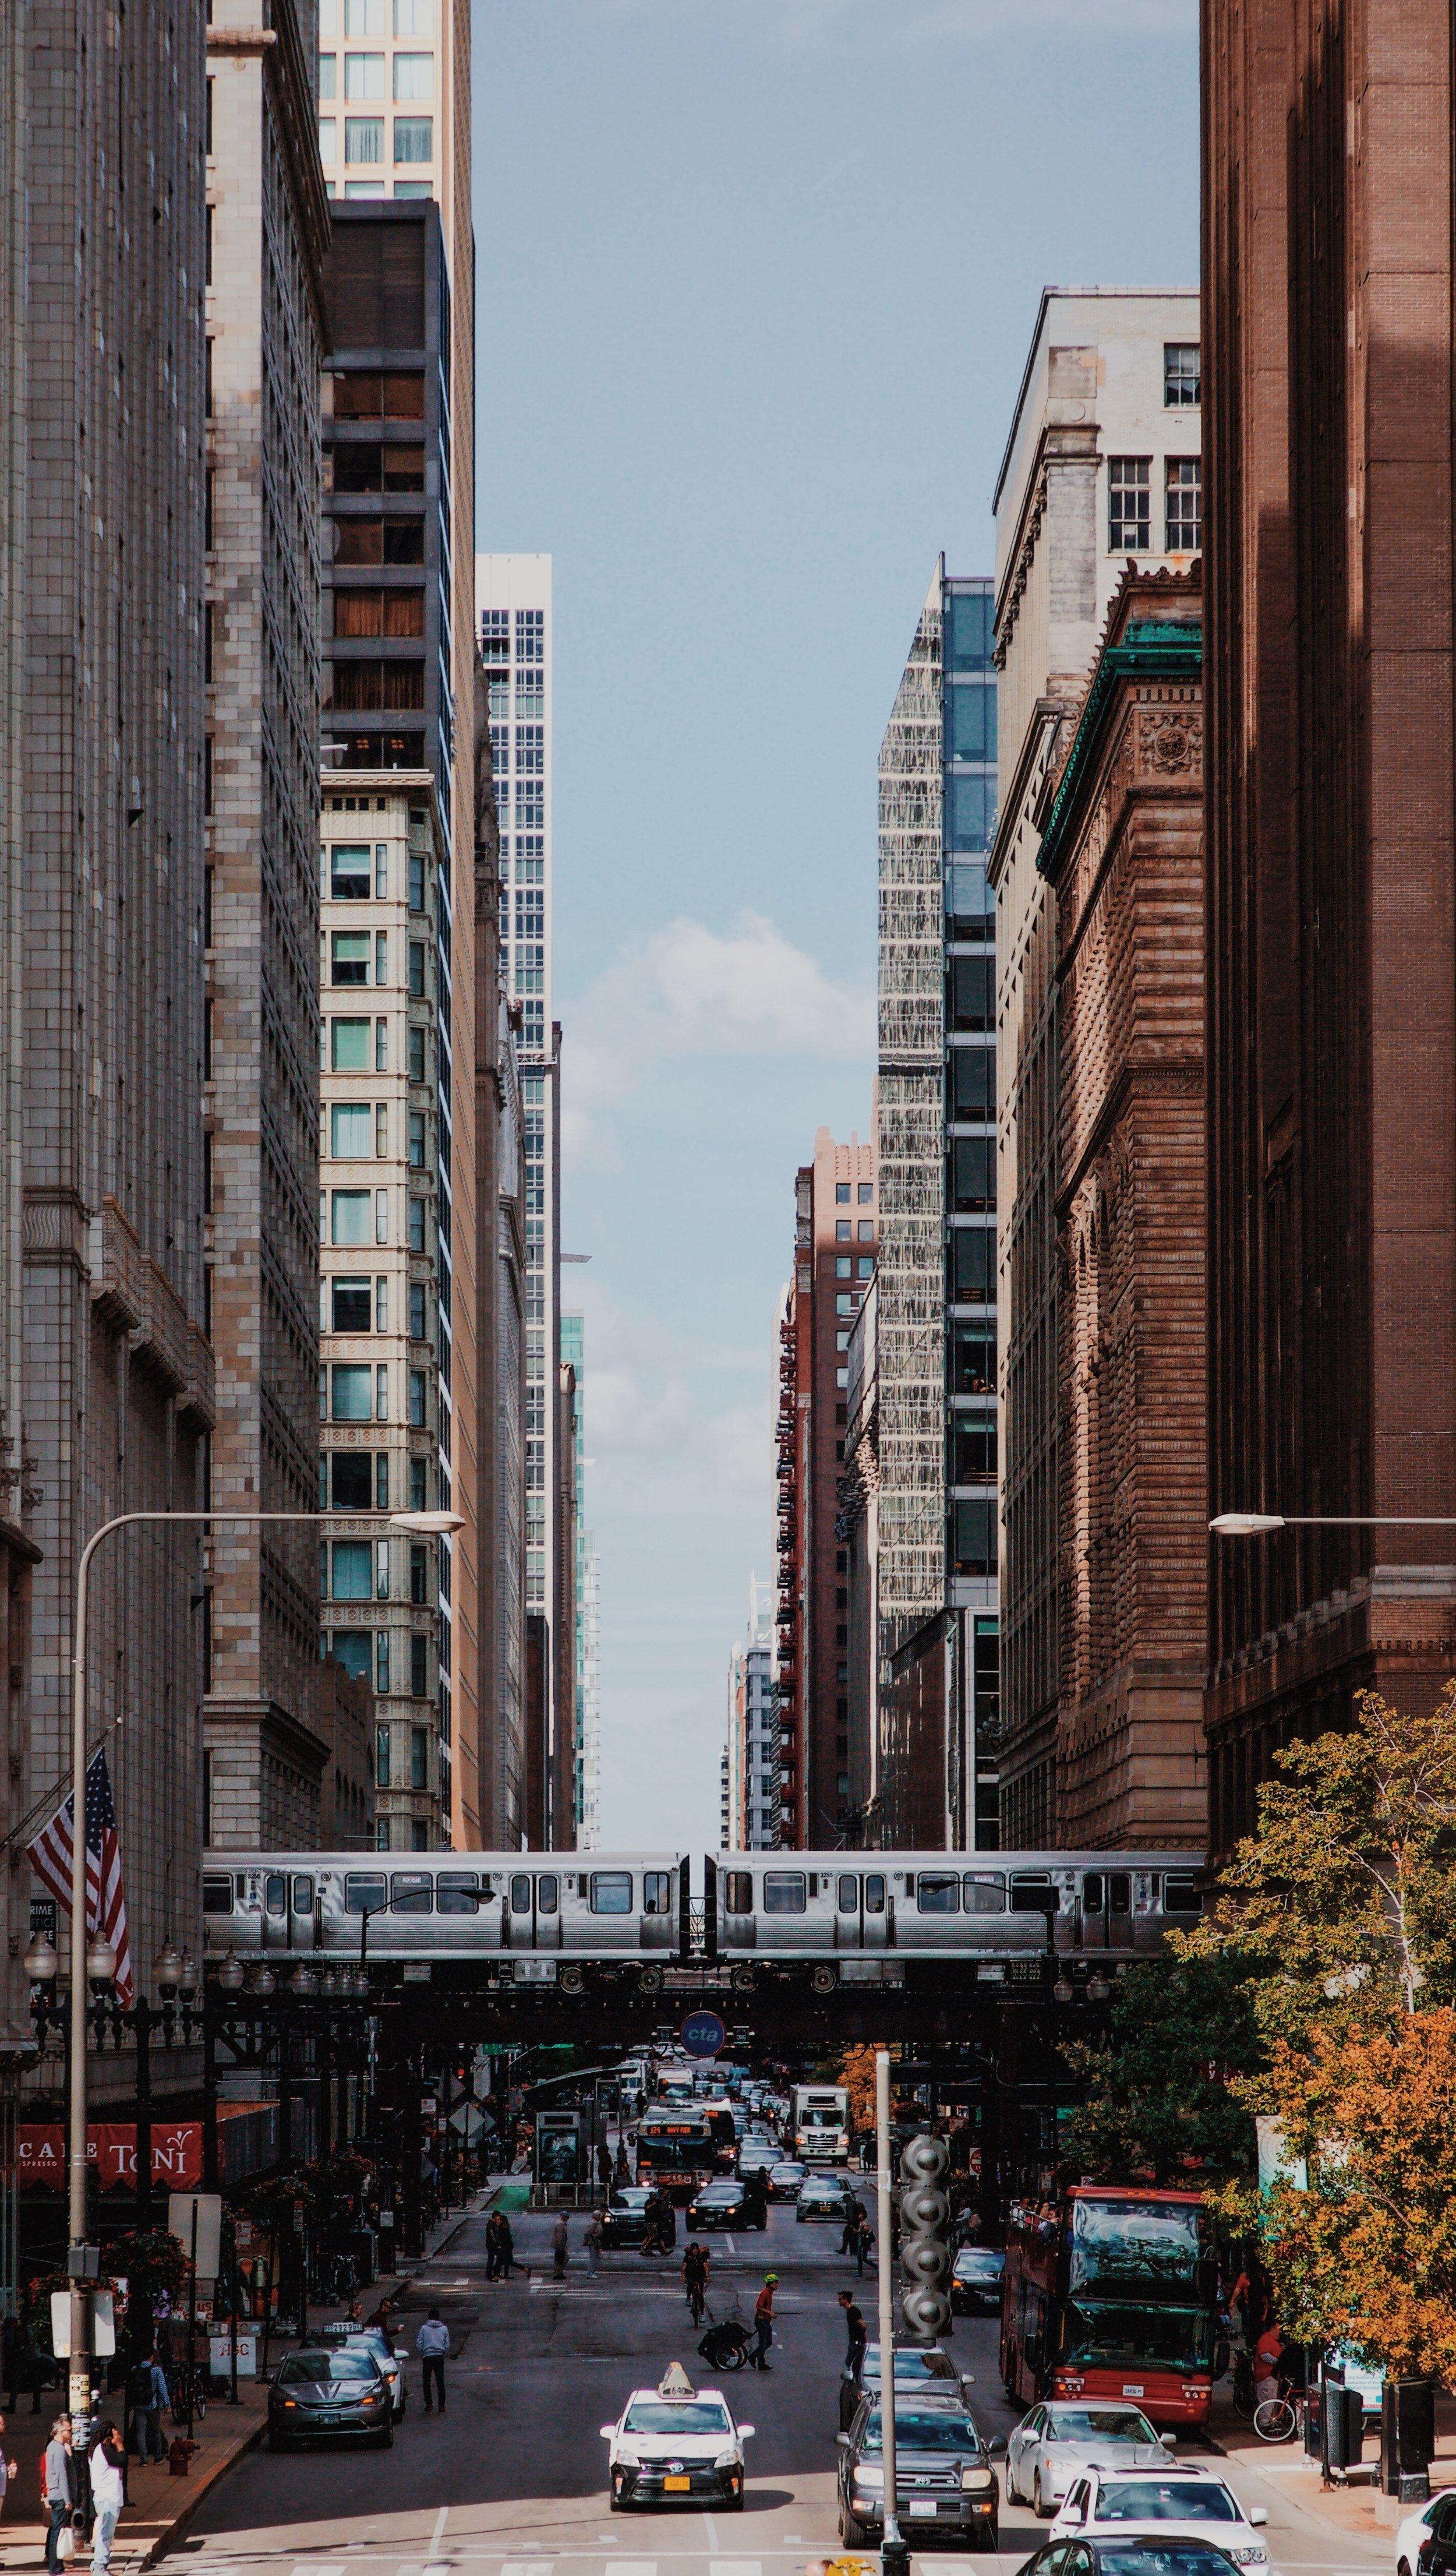 chicago cta train